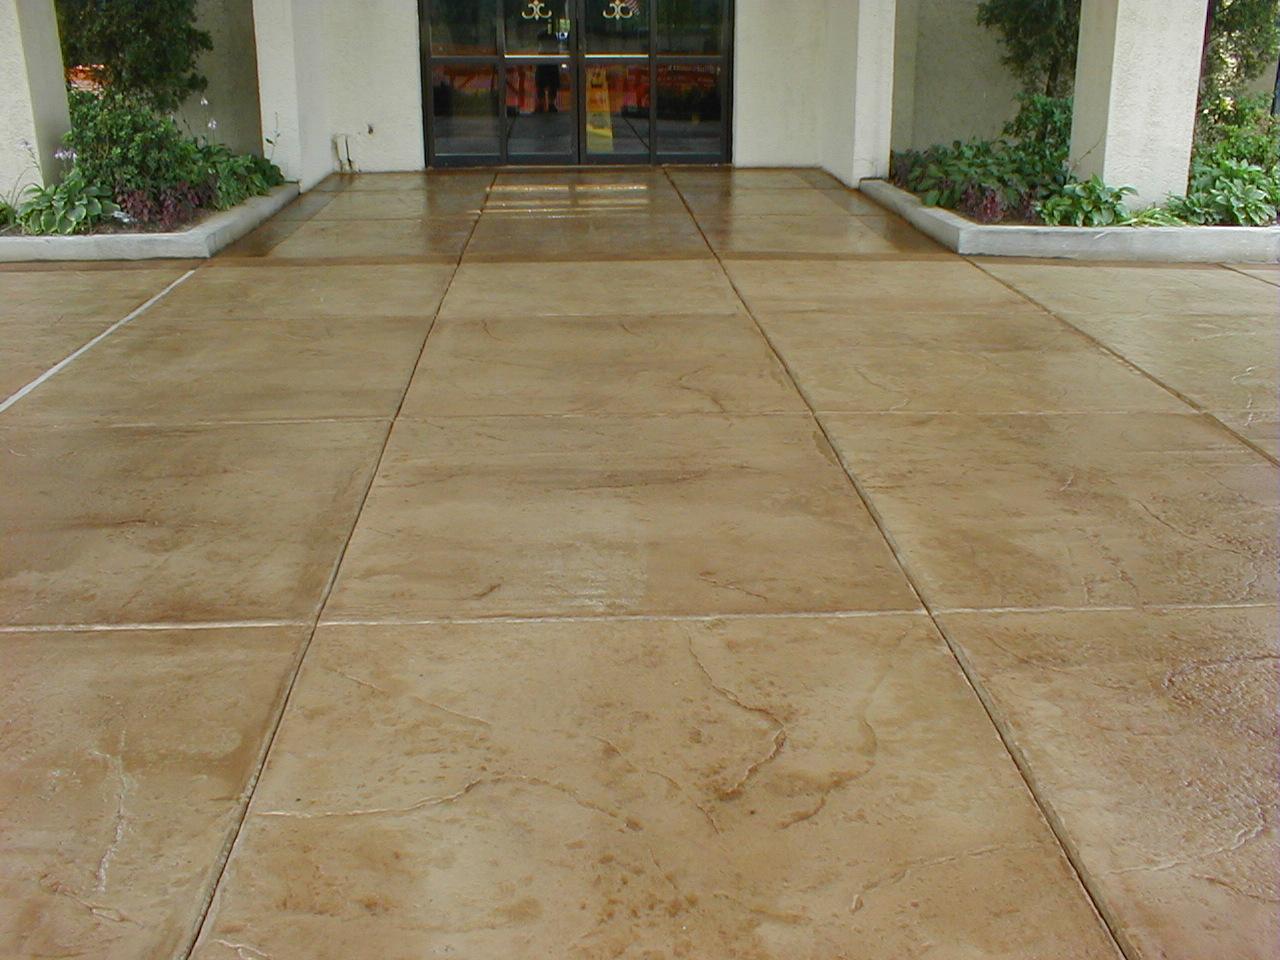 gallery - philadelphia concrete floor